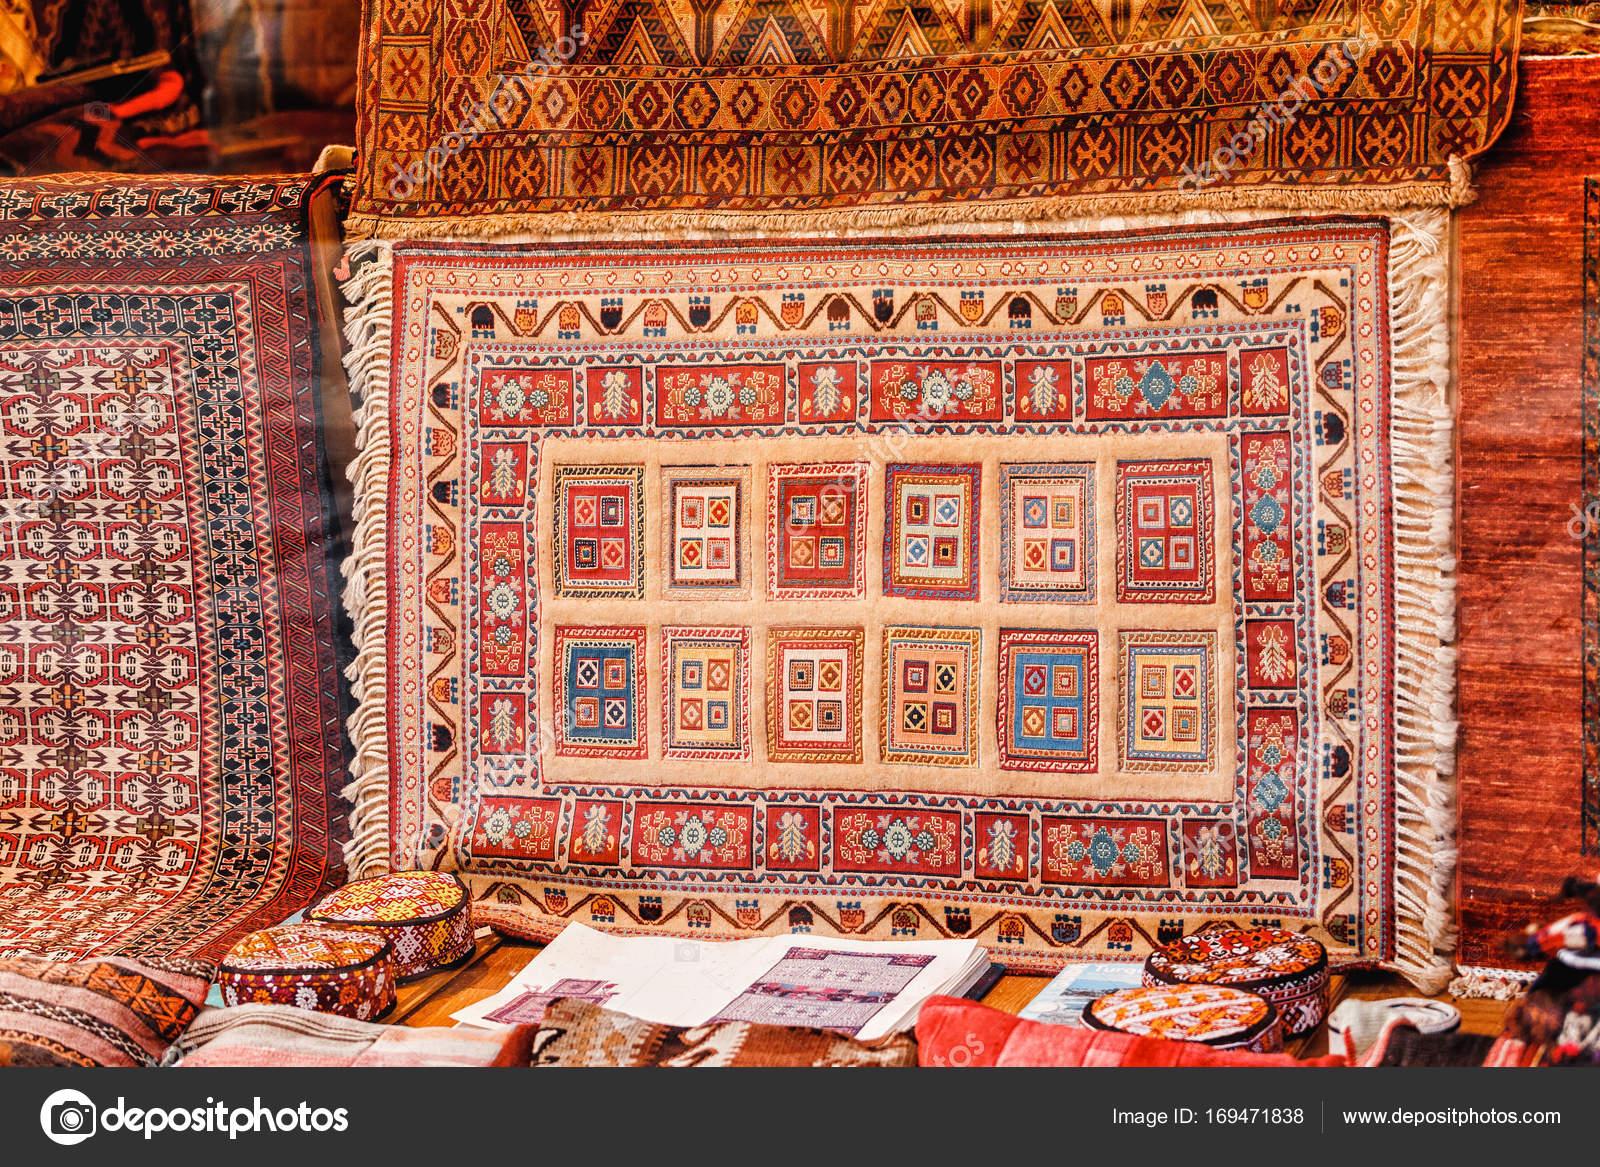 tapis turc dans le vitrine est en vente sur le march de bazar image de frantic00 - Tapis Turc